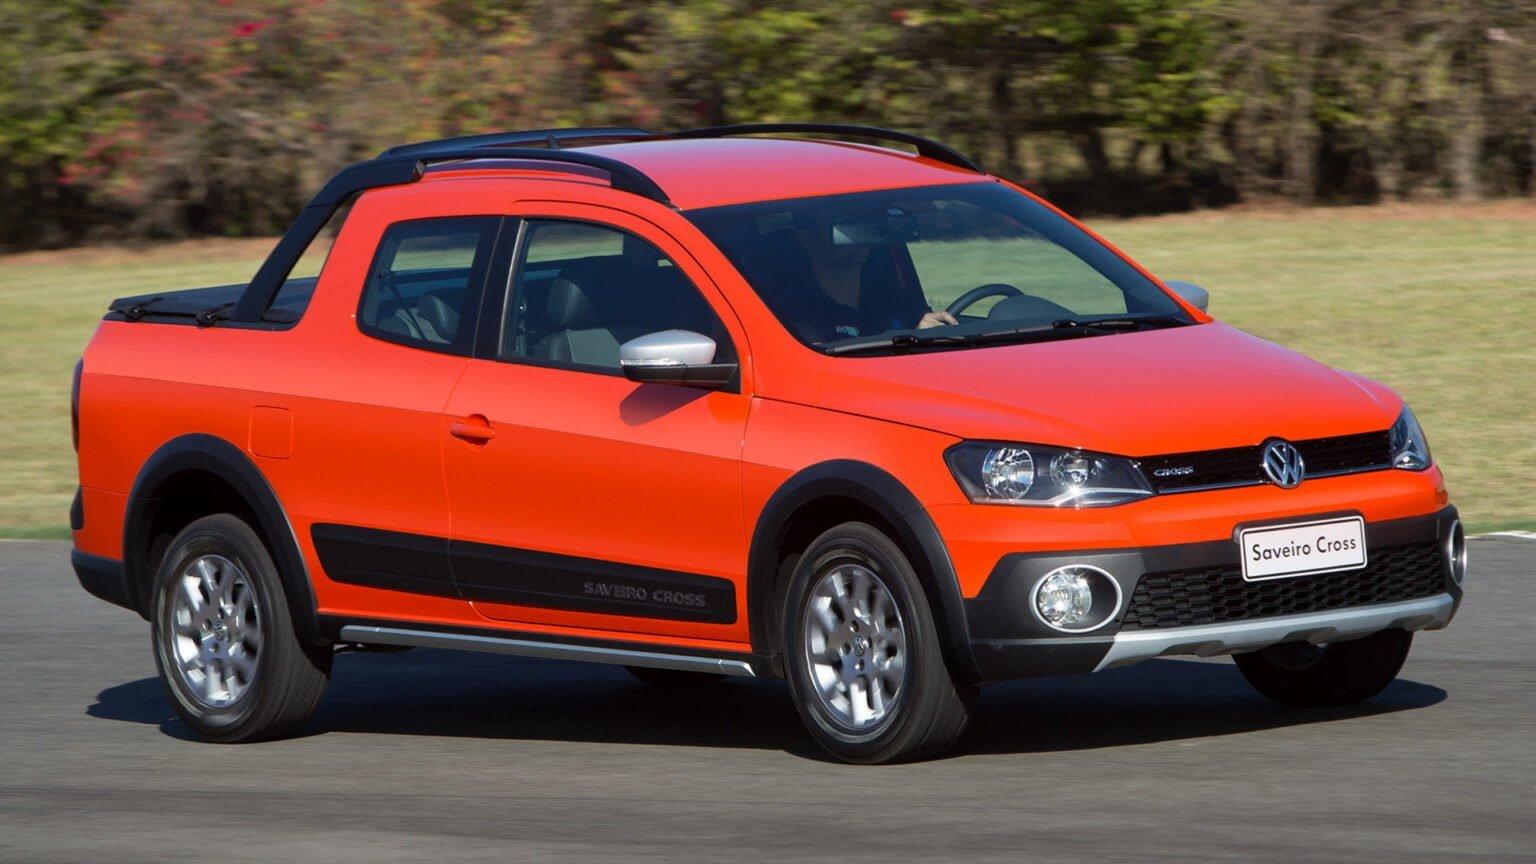 Catalogo de Partes SAVEIRO 2014 VW AutoPartes y Refacciones